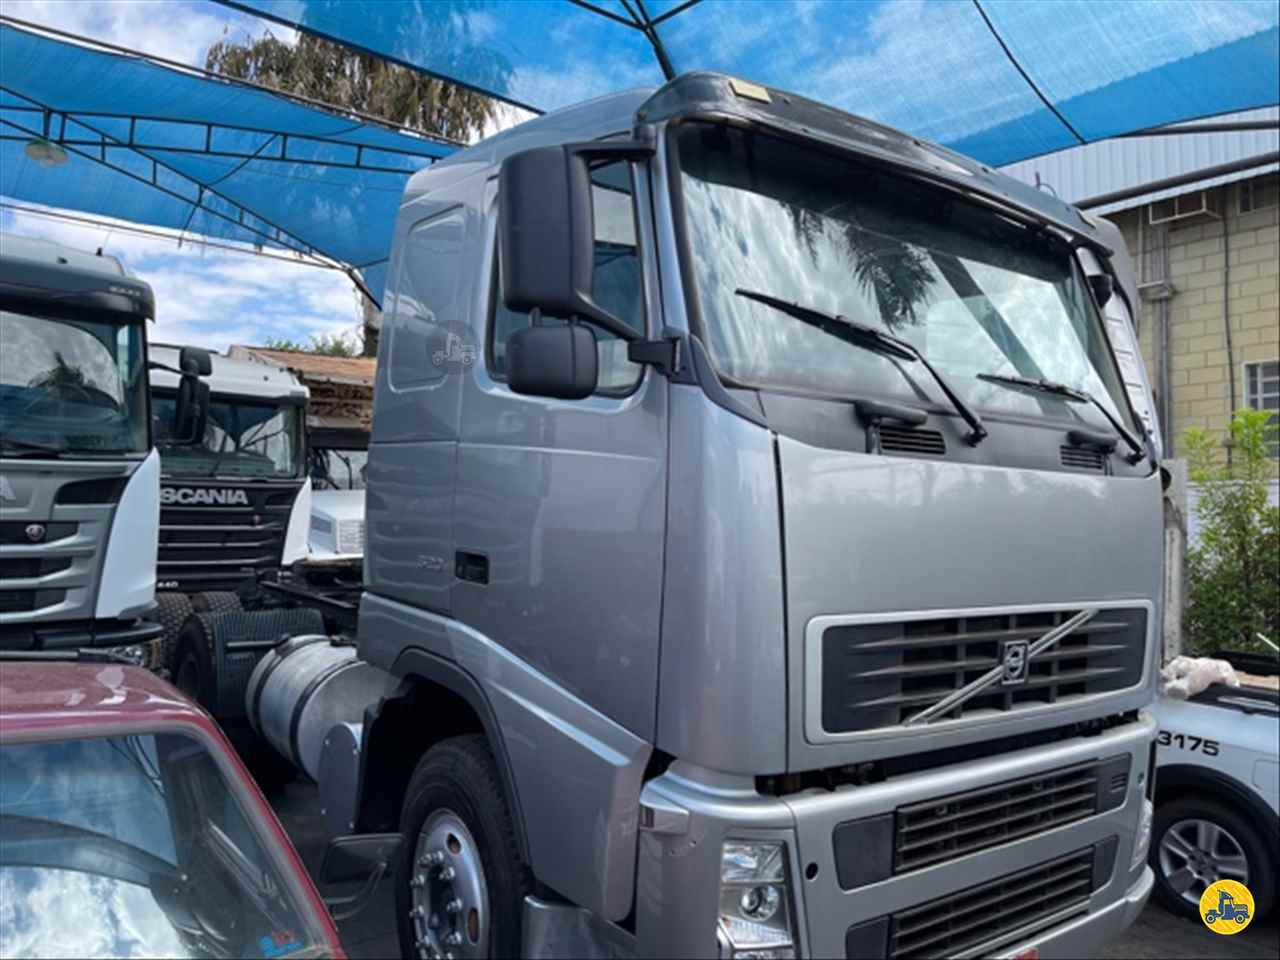 CAMINHAO VOLVO VOLVO FH 520 Cavalo Mecânico Traçado 6x4 AutoVia Caminhões ARARAQUARA SÃO PAULO SP